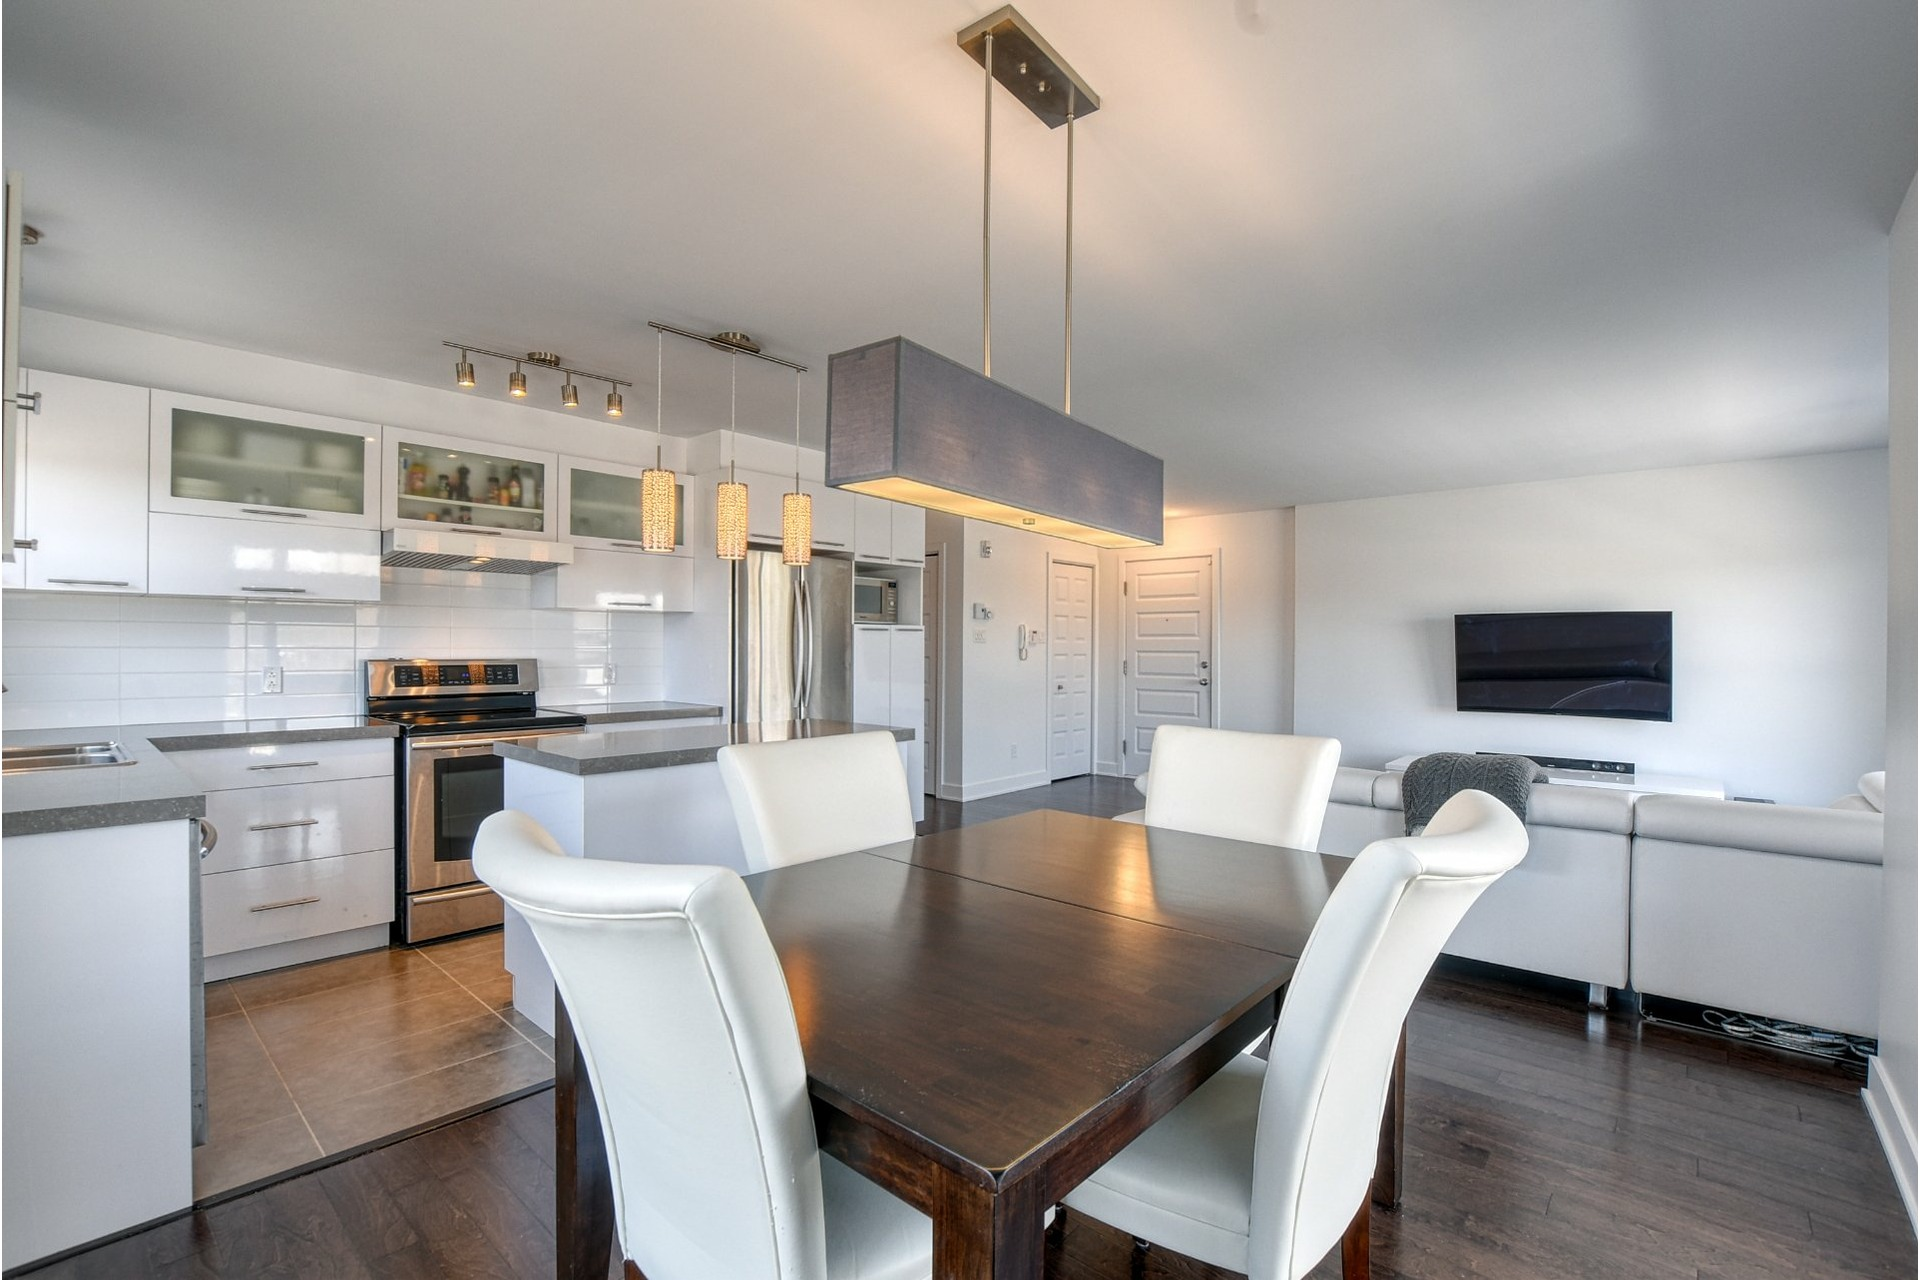 image 9 - Appartement À vendre Rivière-des-Prairies/Pointe-aux-Trembles Montréal  - 11 pièces